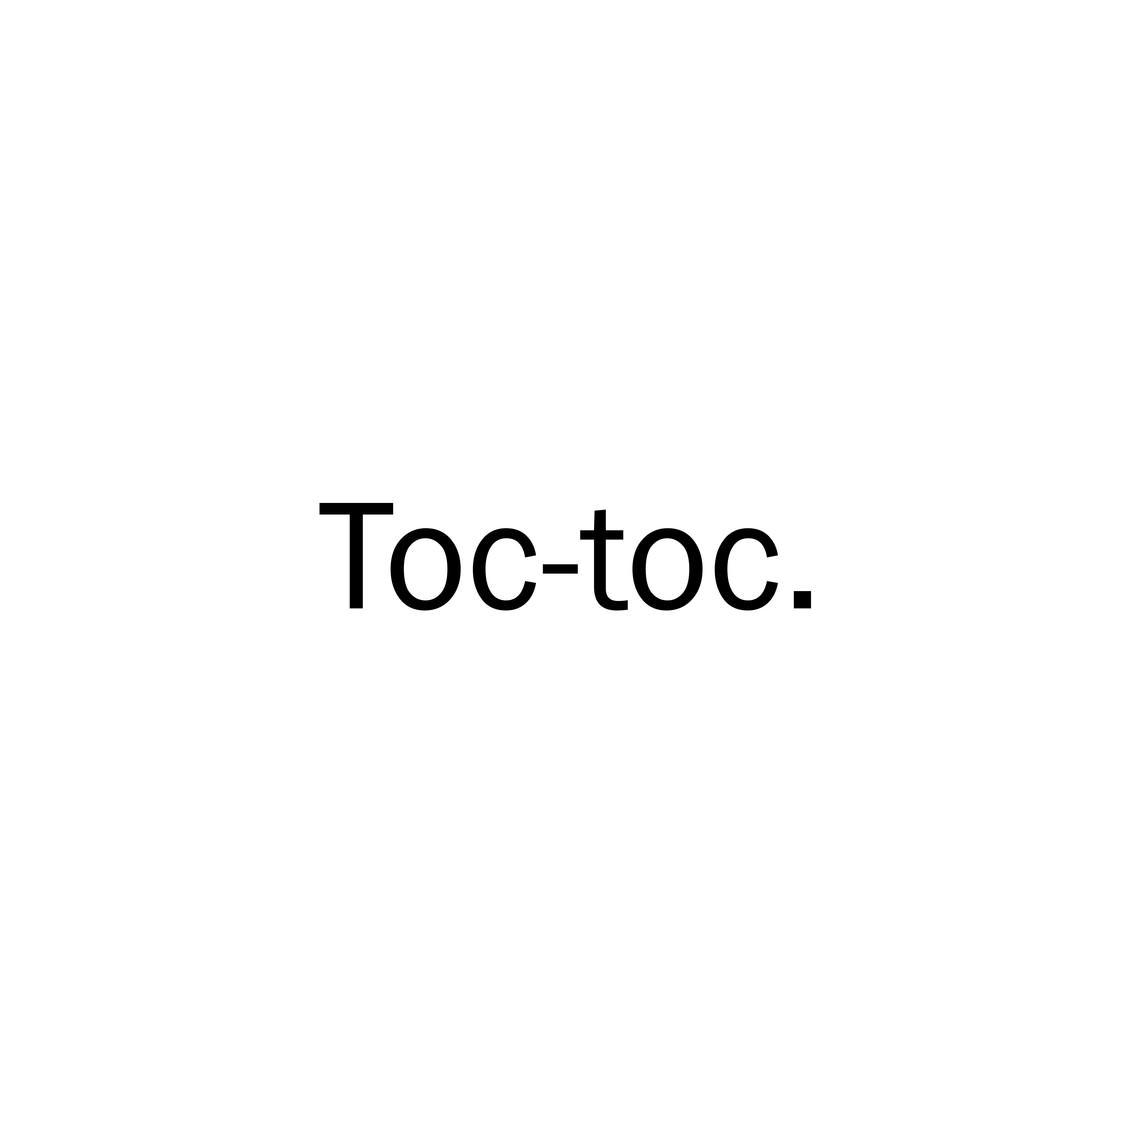 - Toc-toc.